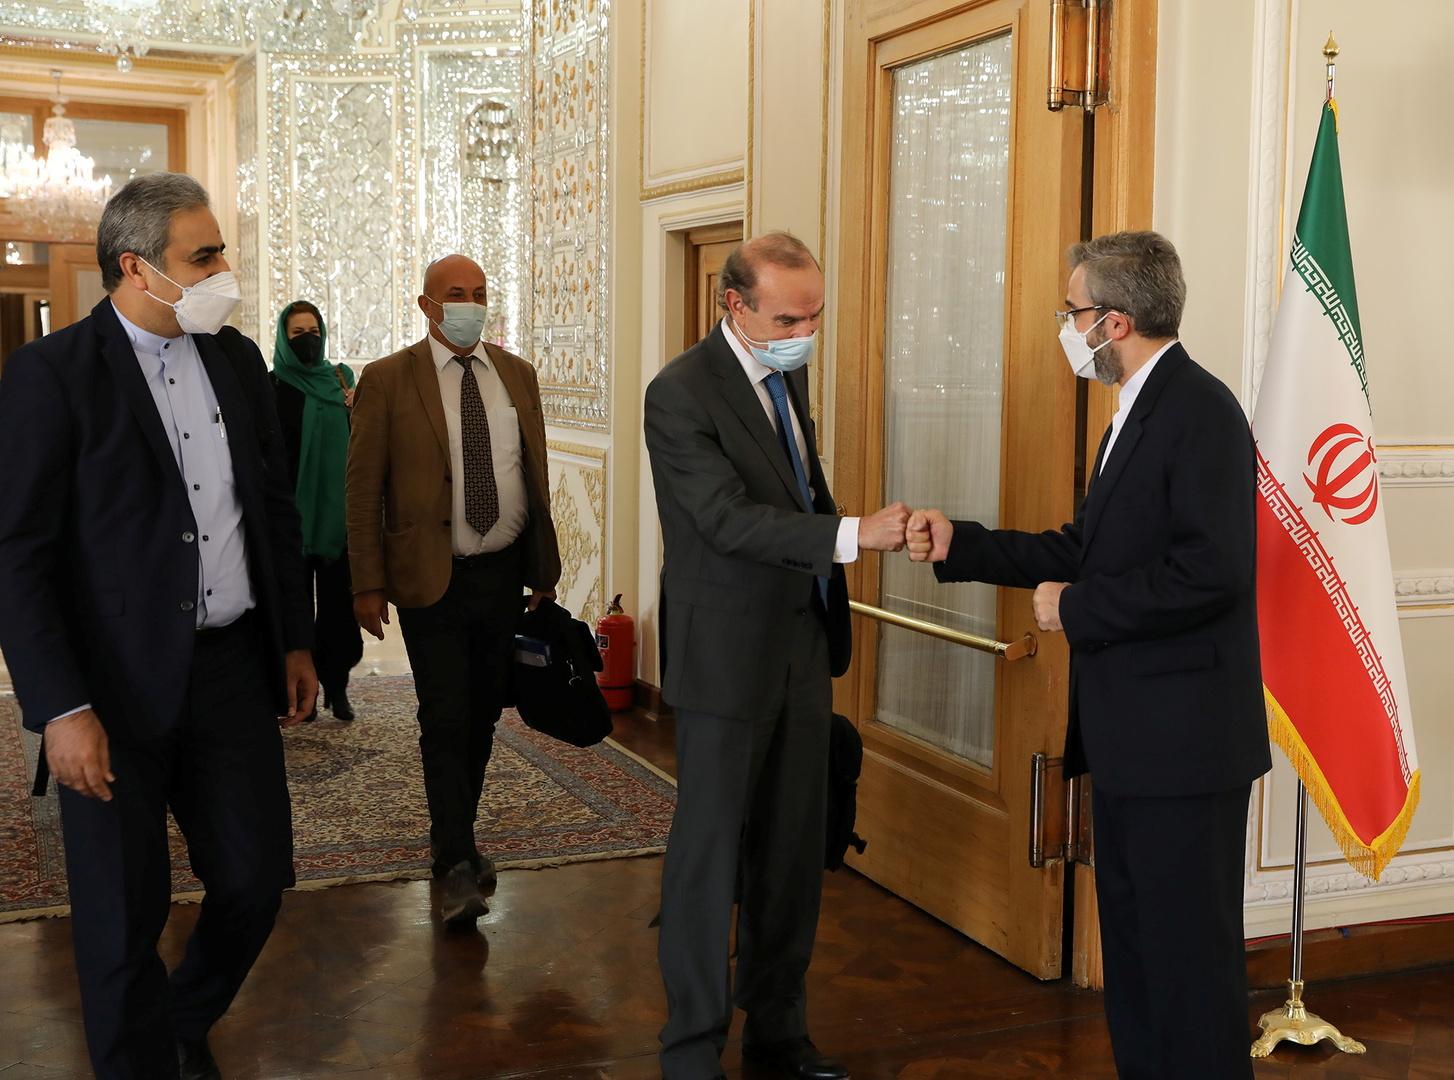 المنسق الأوروبي لمحادثات الاتفاق النووي الإيراني يلتقي نائب وزير الخارجية الإيراني في طهران